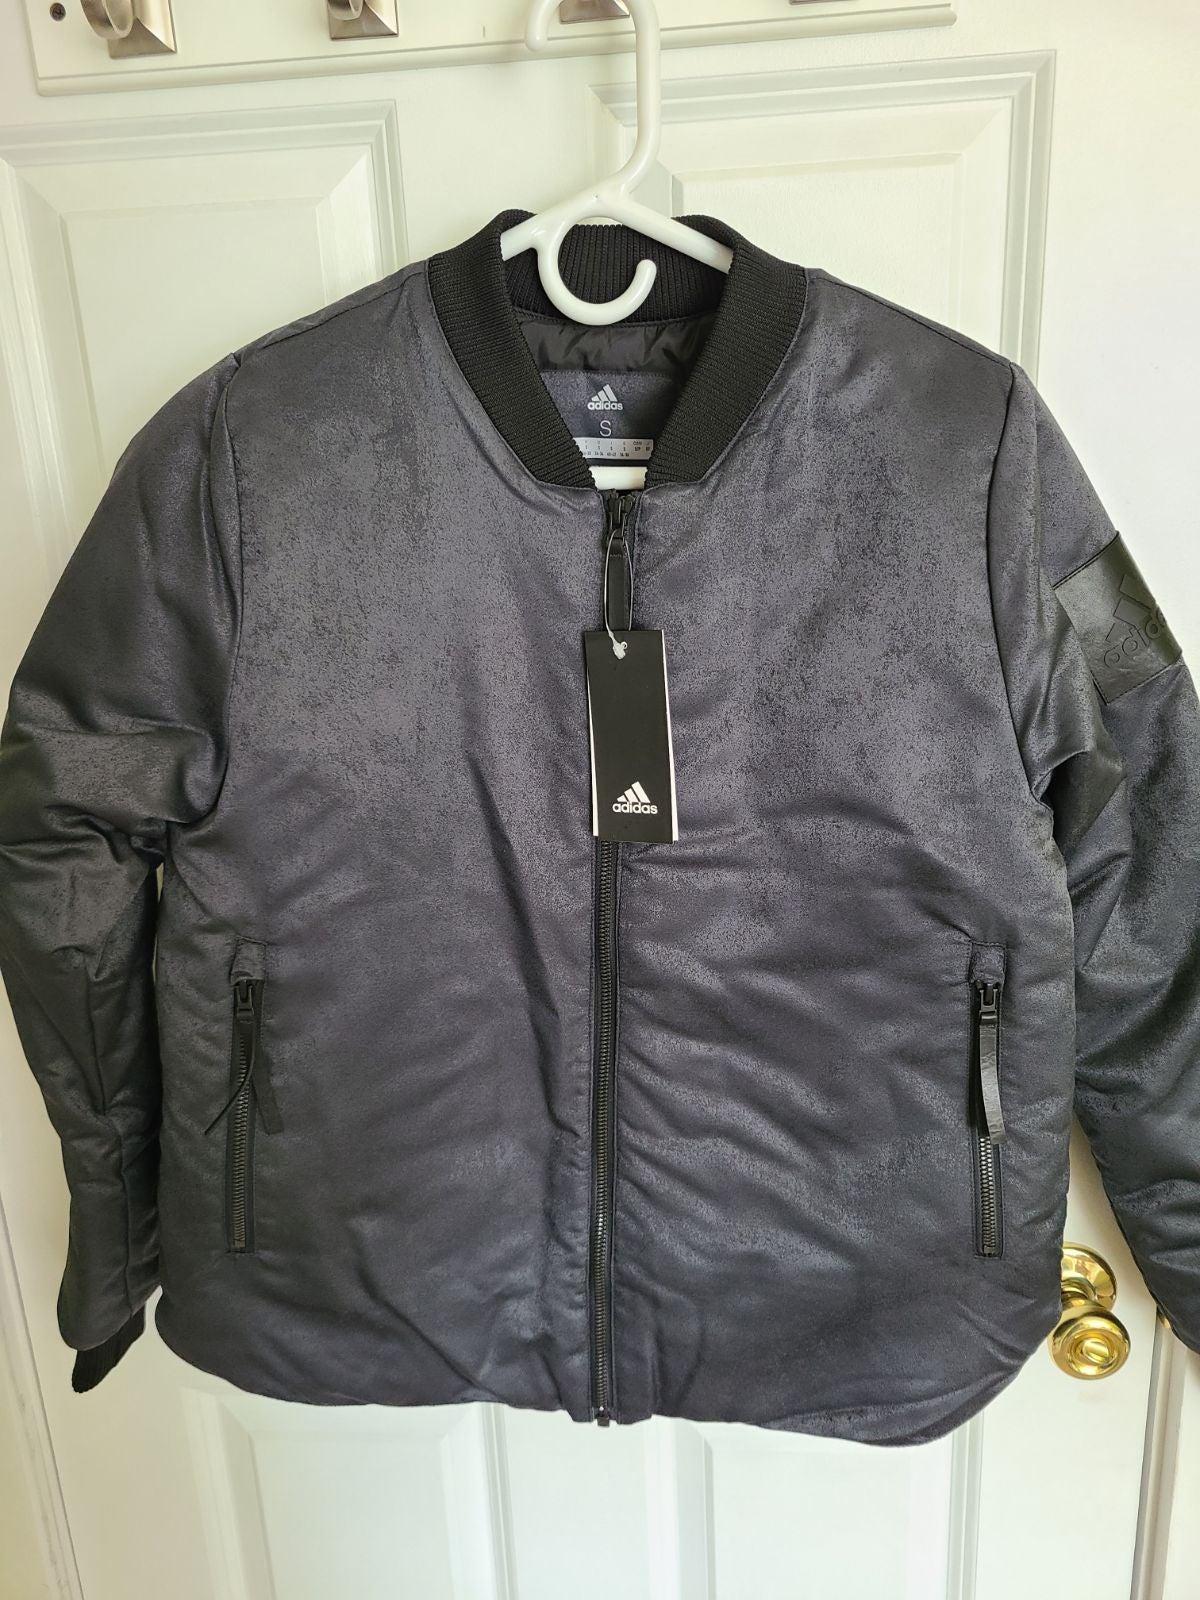 Adidas Women's Bomber Jacket